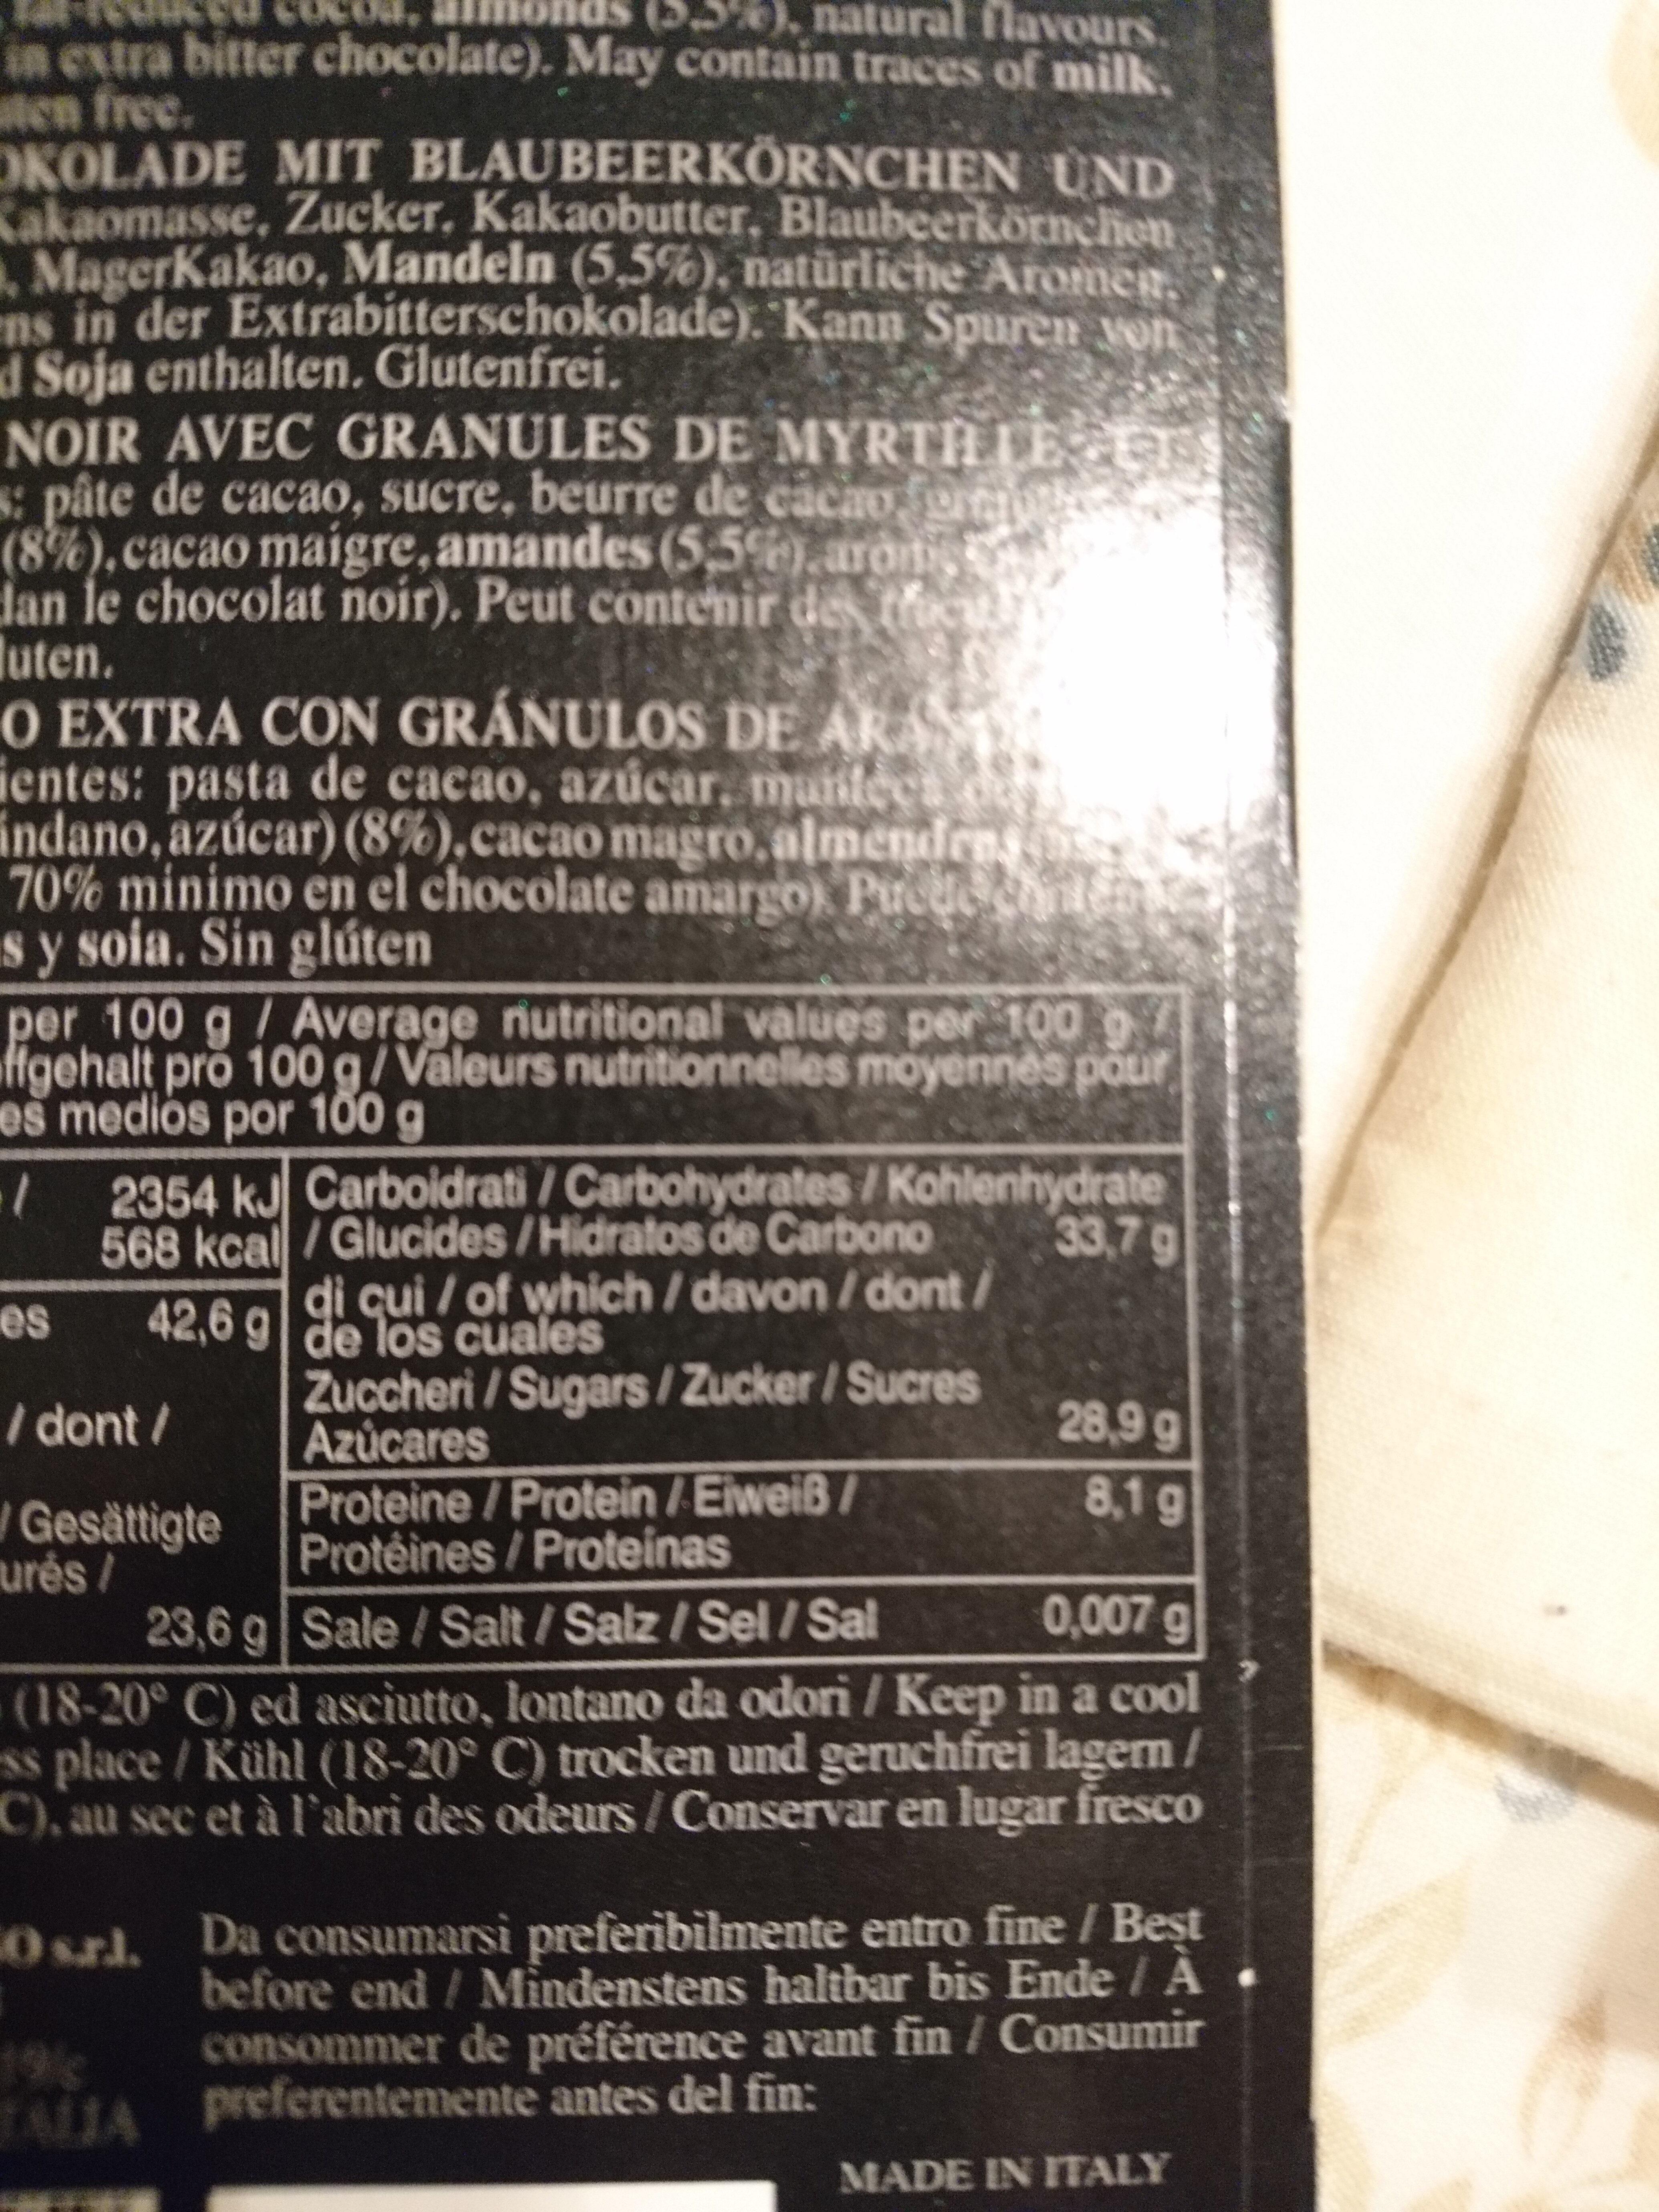 Cioccolato extra-fondente con mirtillo e mandorla - Nutrition facts